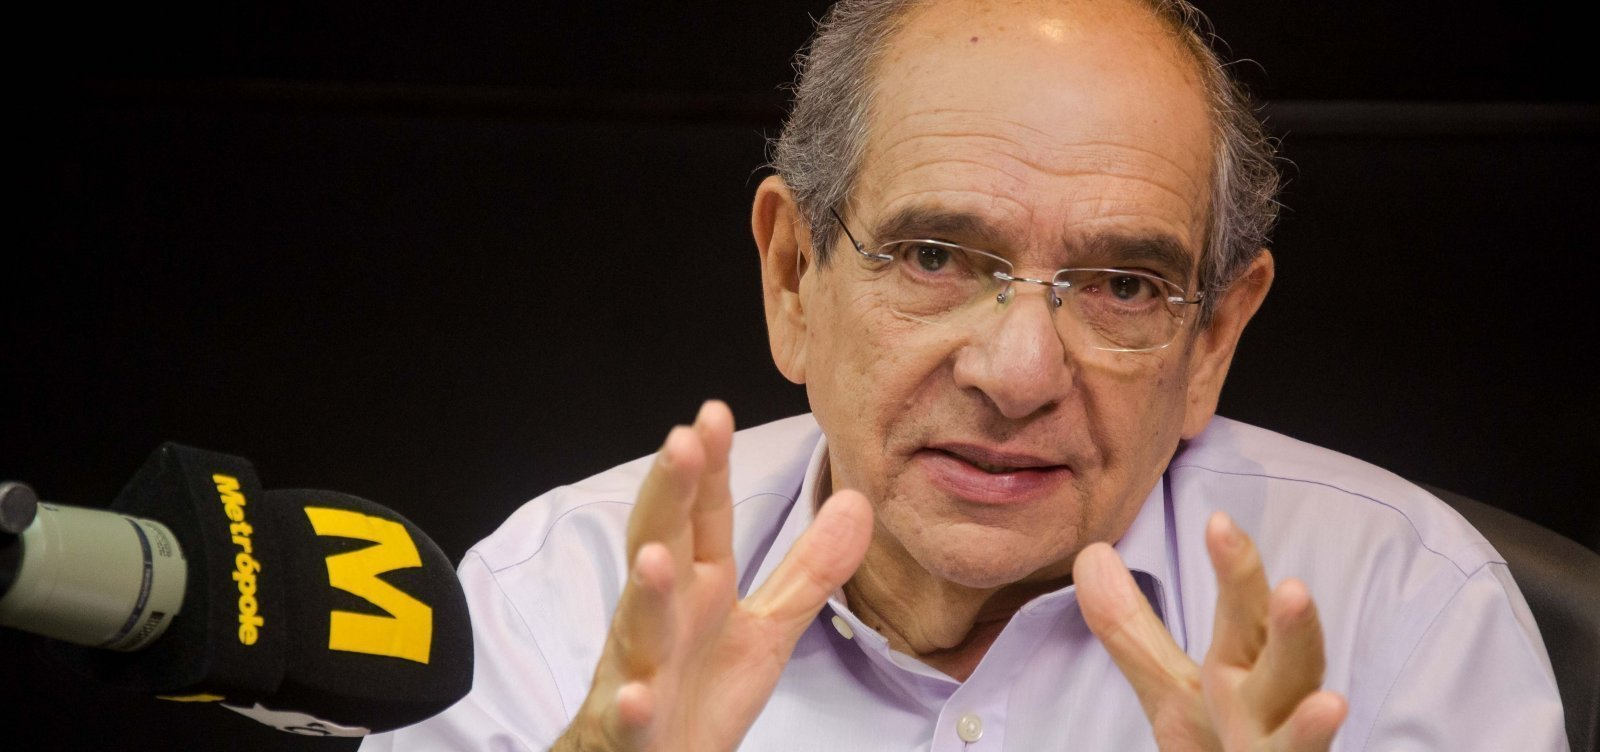 MK avalia manifestações pró-Bolsonaro como 'grandes e significativas'; ouça